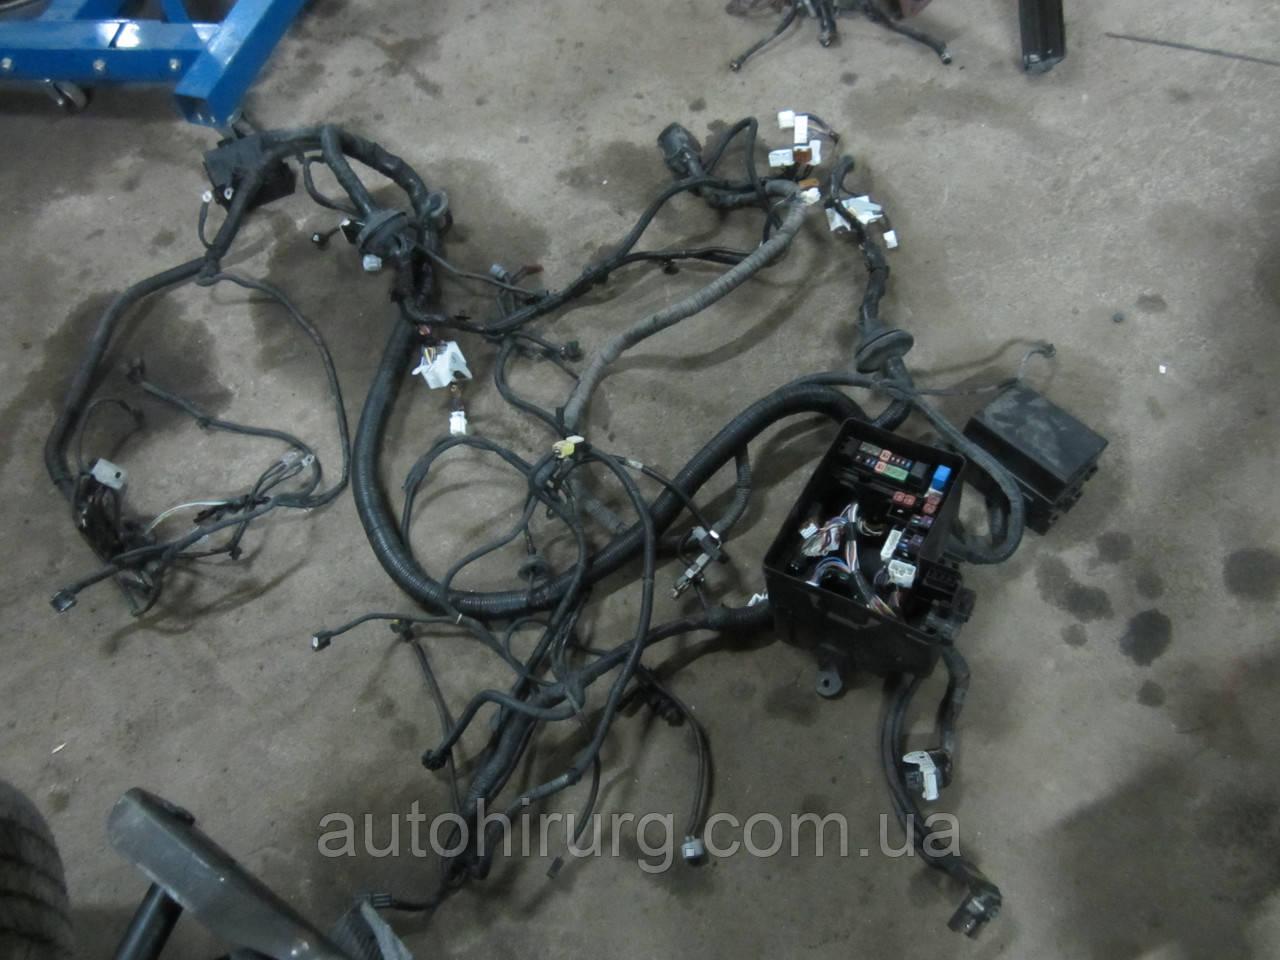 Проводка двигателя Infiniti Qx56 / Qx80 - Z62  (24011 1LA0A), фото 1